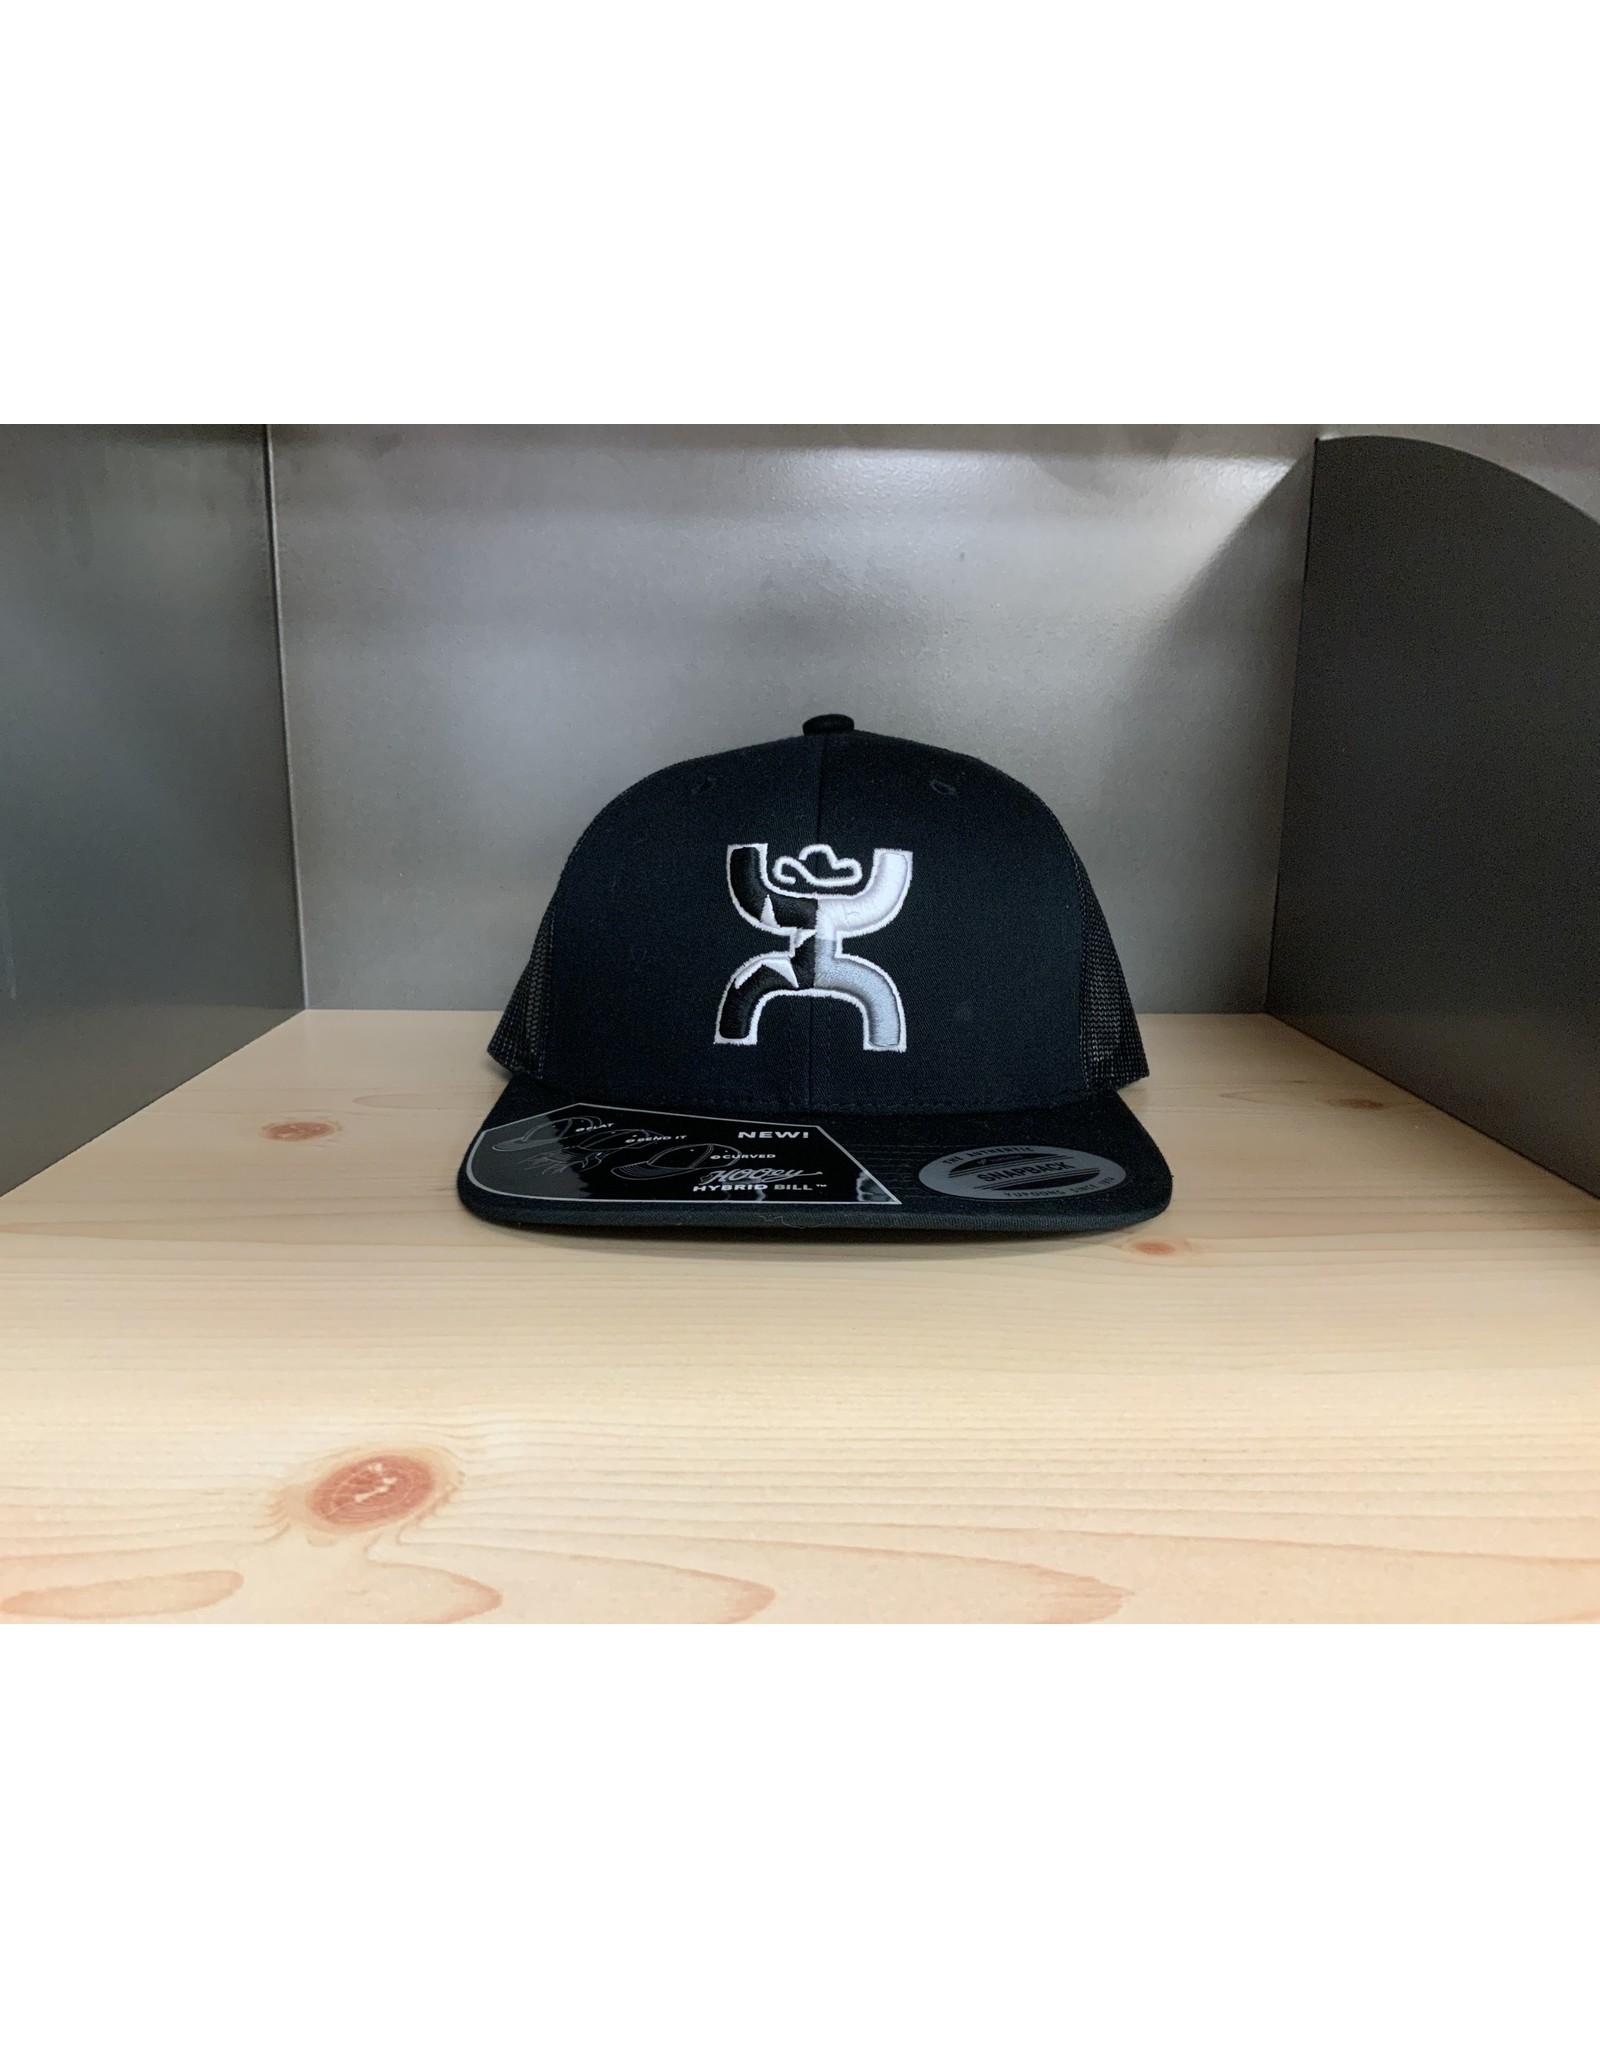 BLACK HOOEY HAT